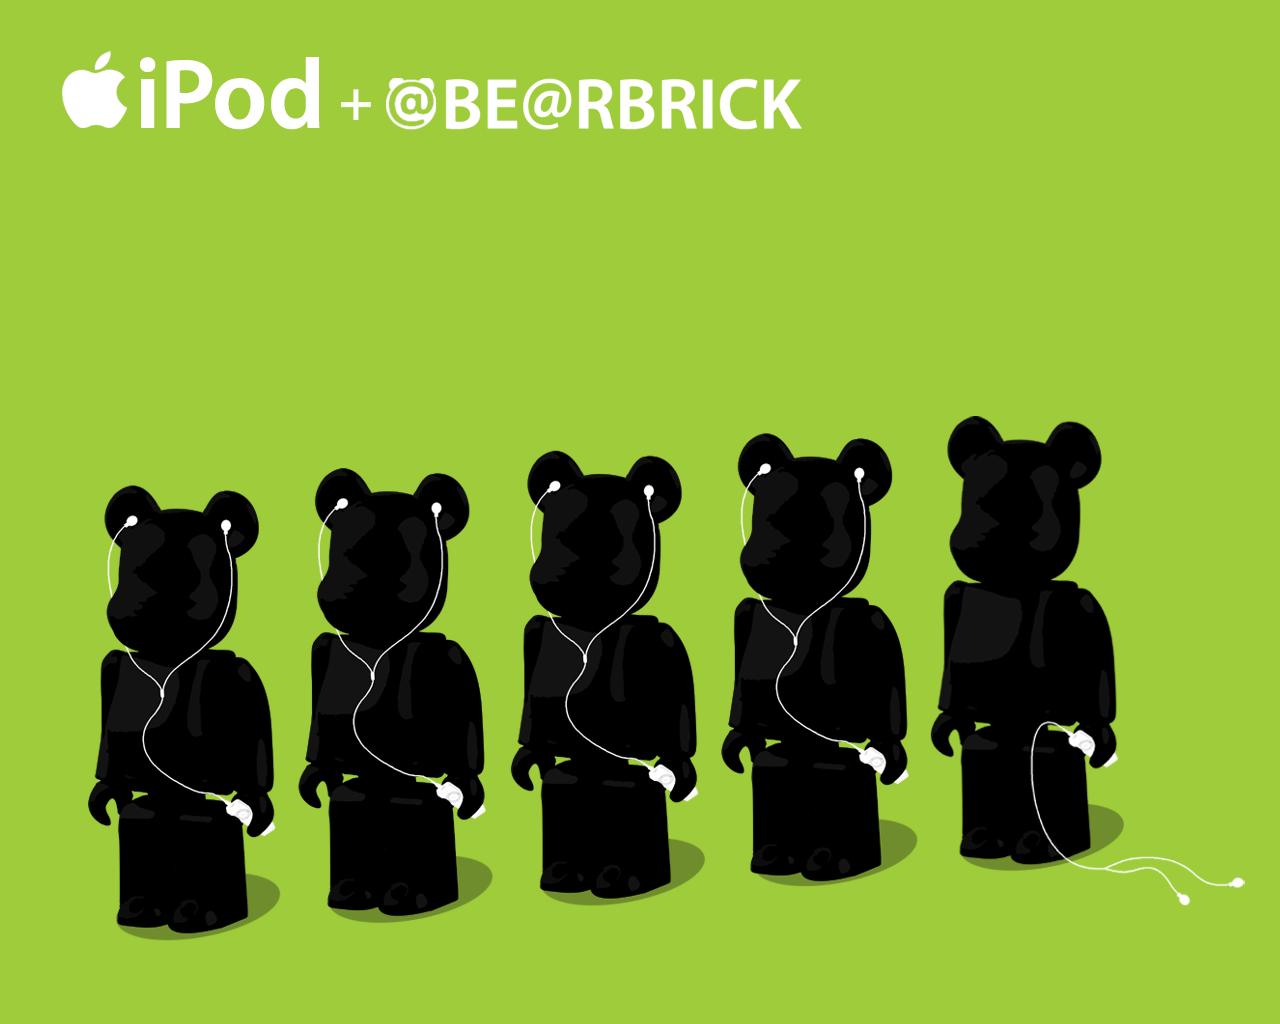 Be@rbrick